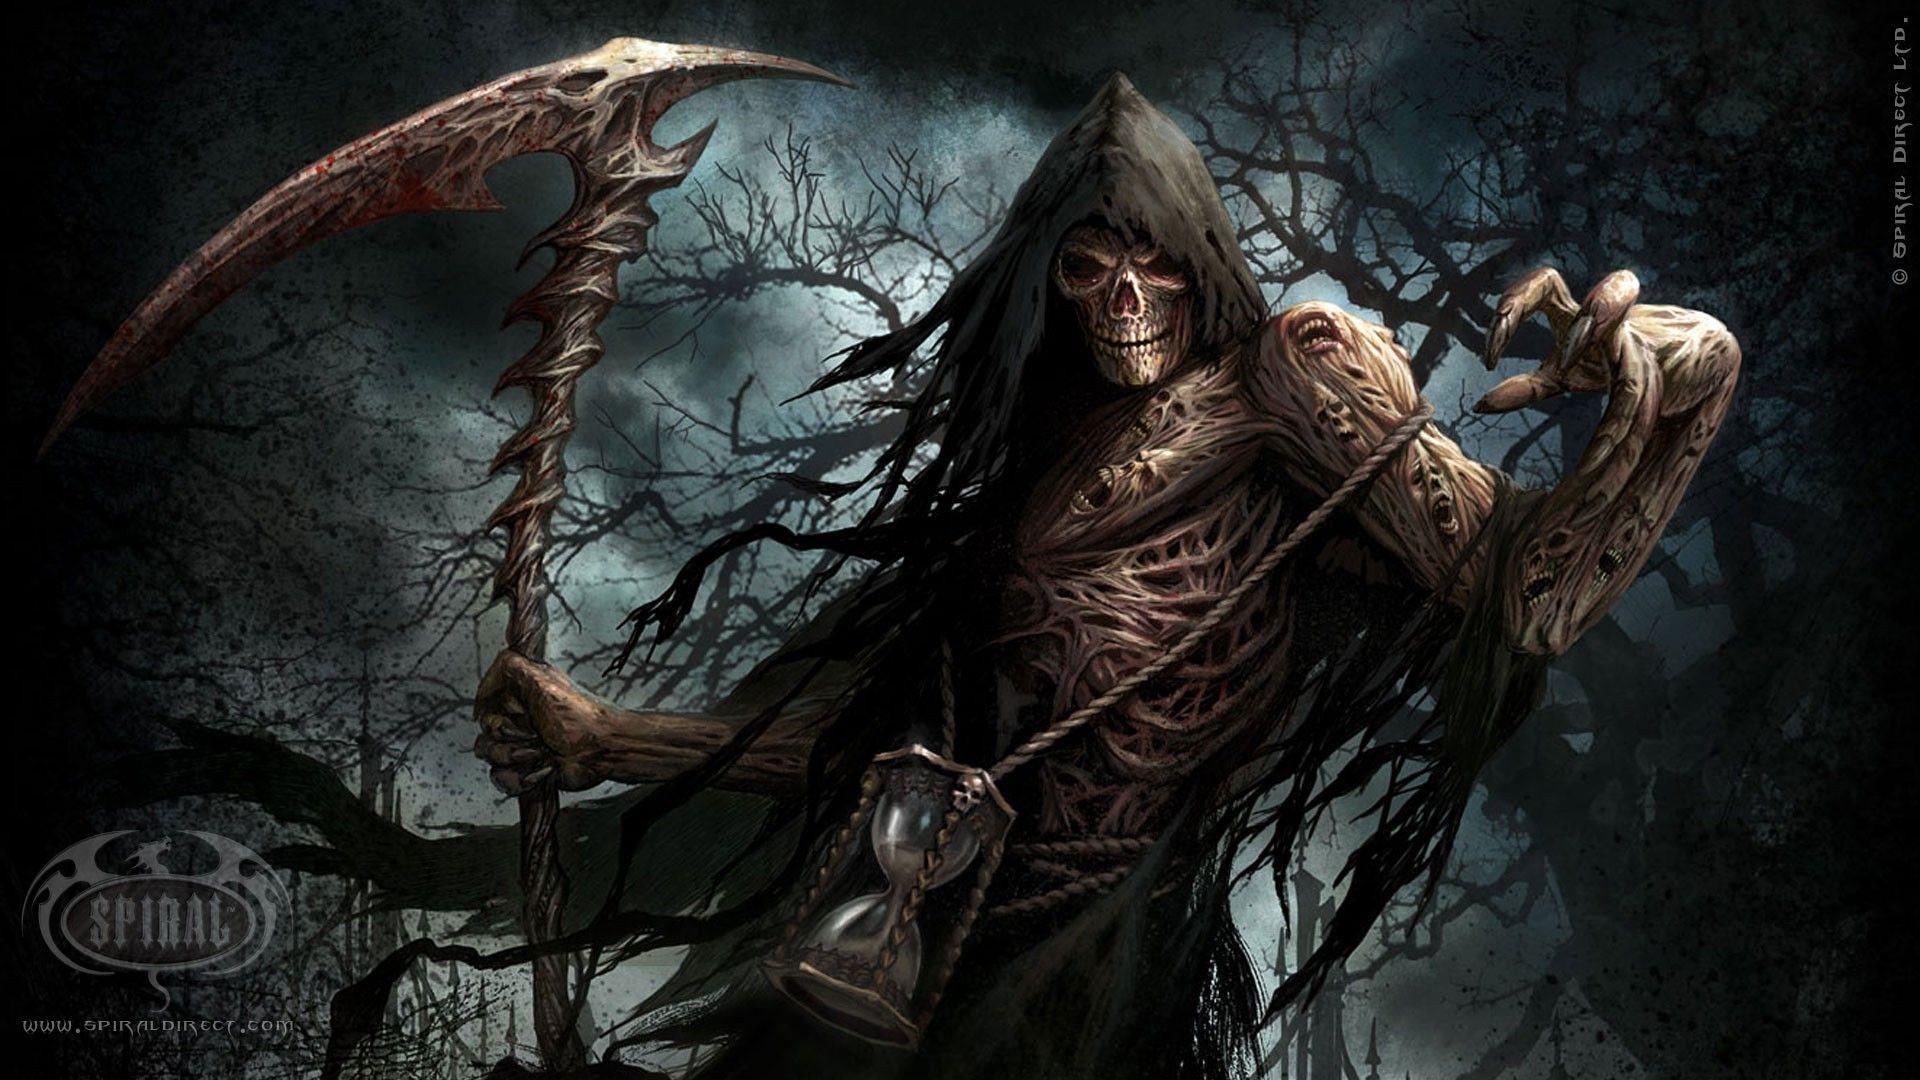 Αποτέλεσμα εικόνας για epic fantasy wallpaper | dark fantasy